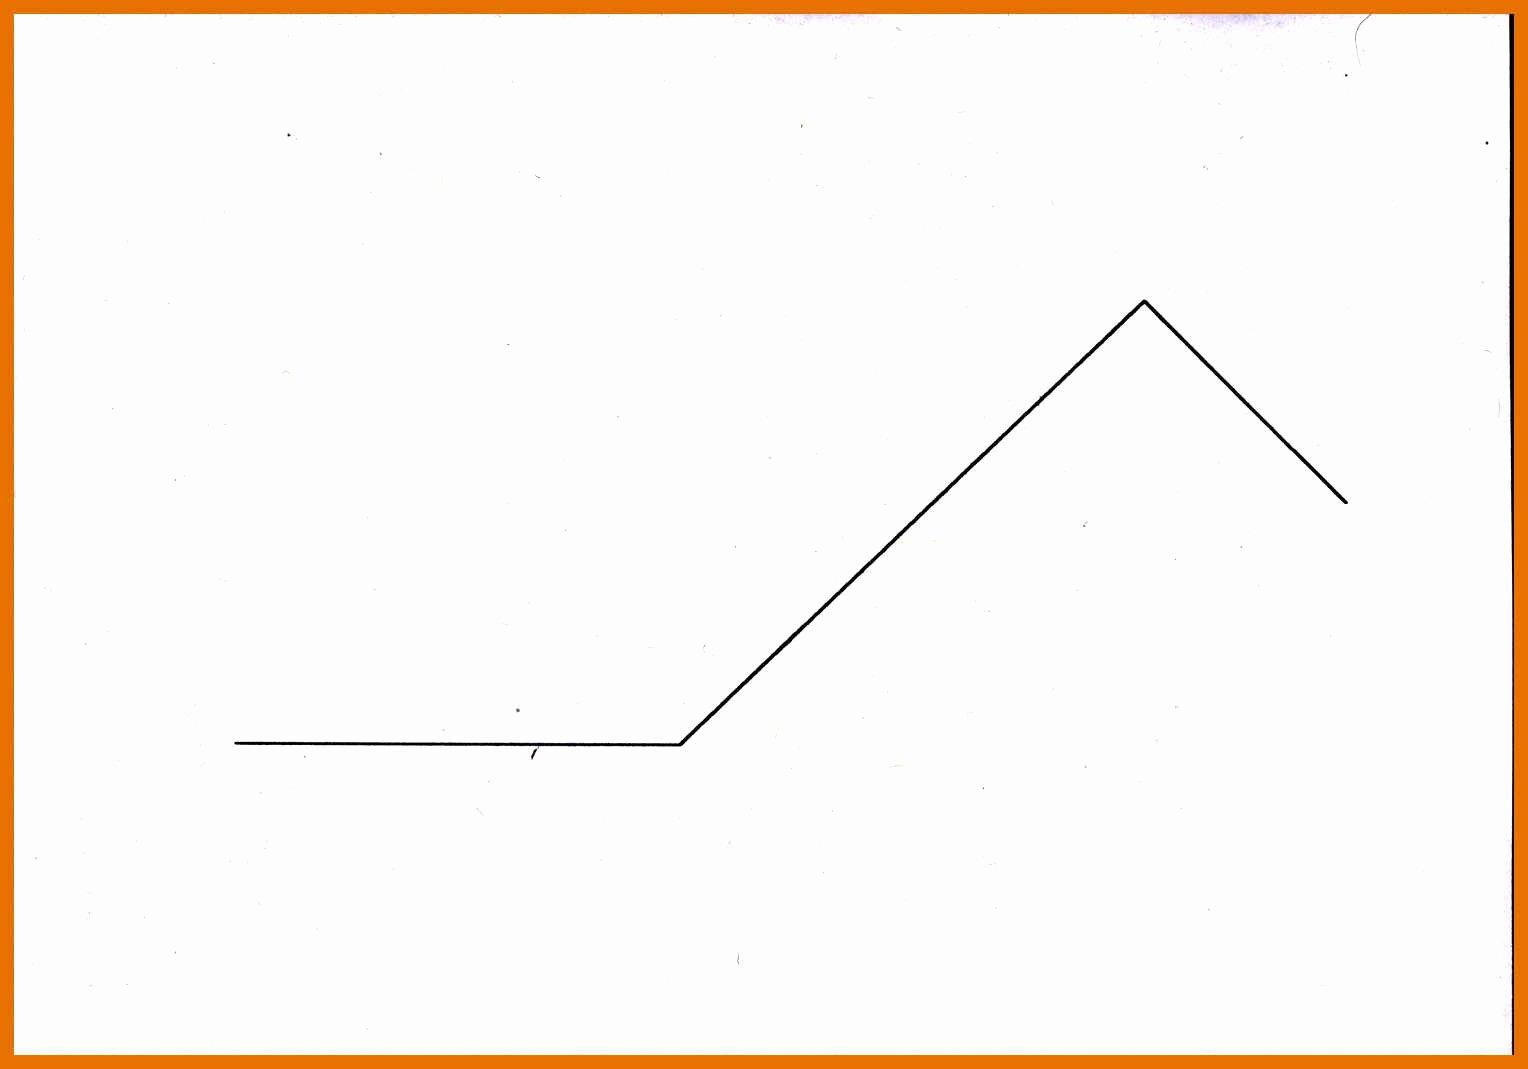 Blank Plot Diagram Template Beautiful 8 9 Blank Plot Diagram